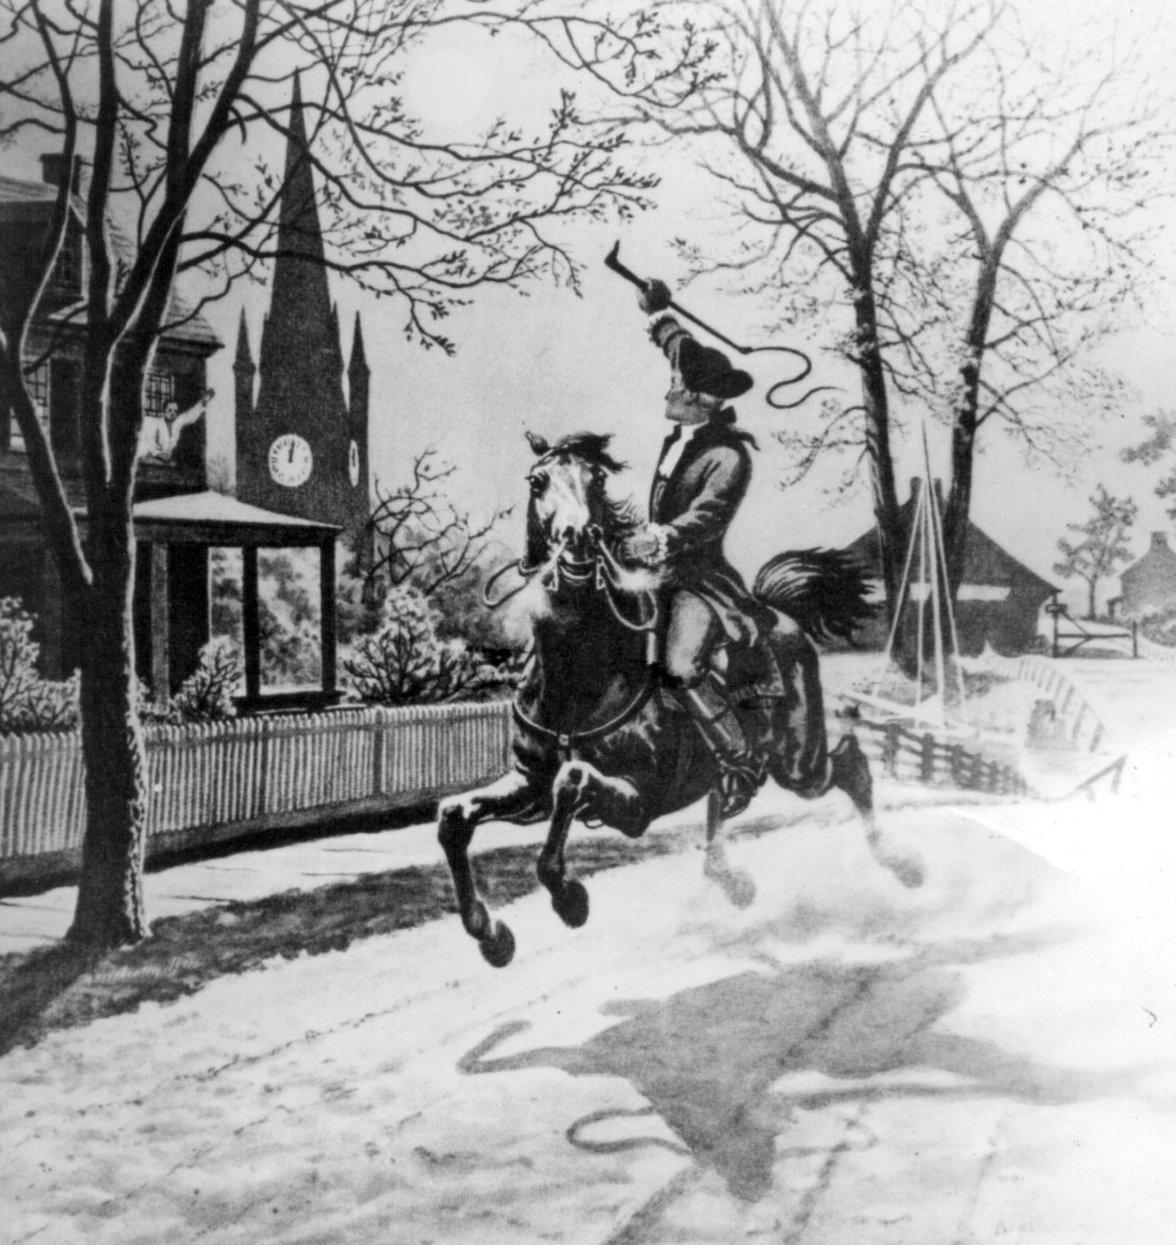 Paul Revere ride wikimedia Paul_Revere's_ride.jpg